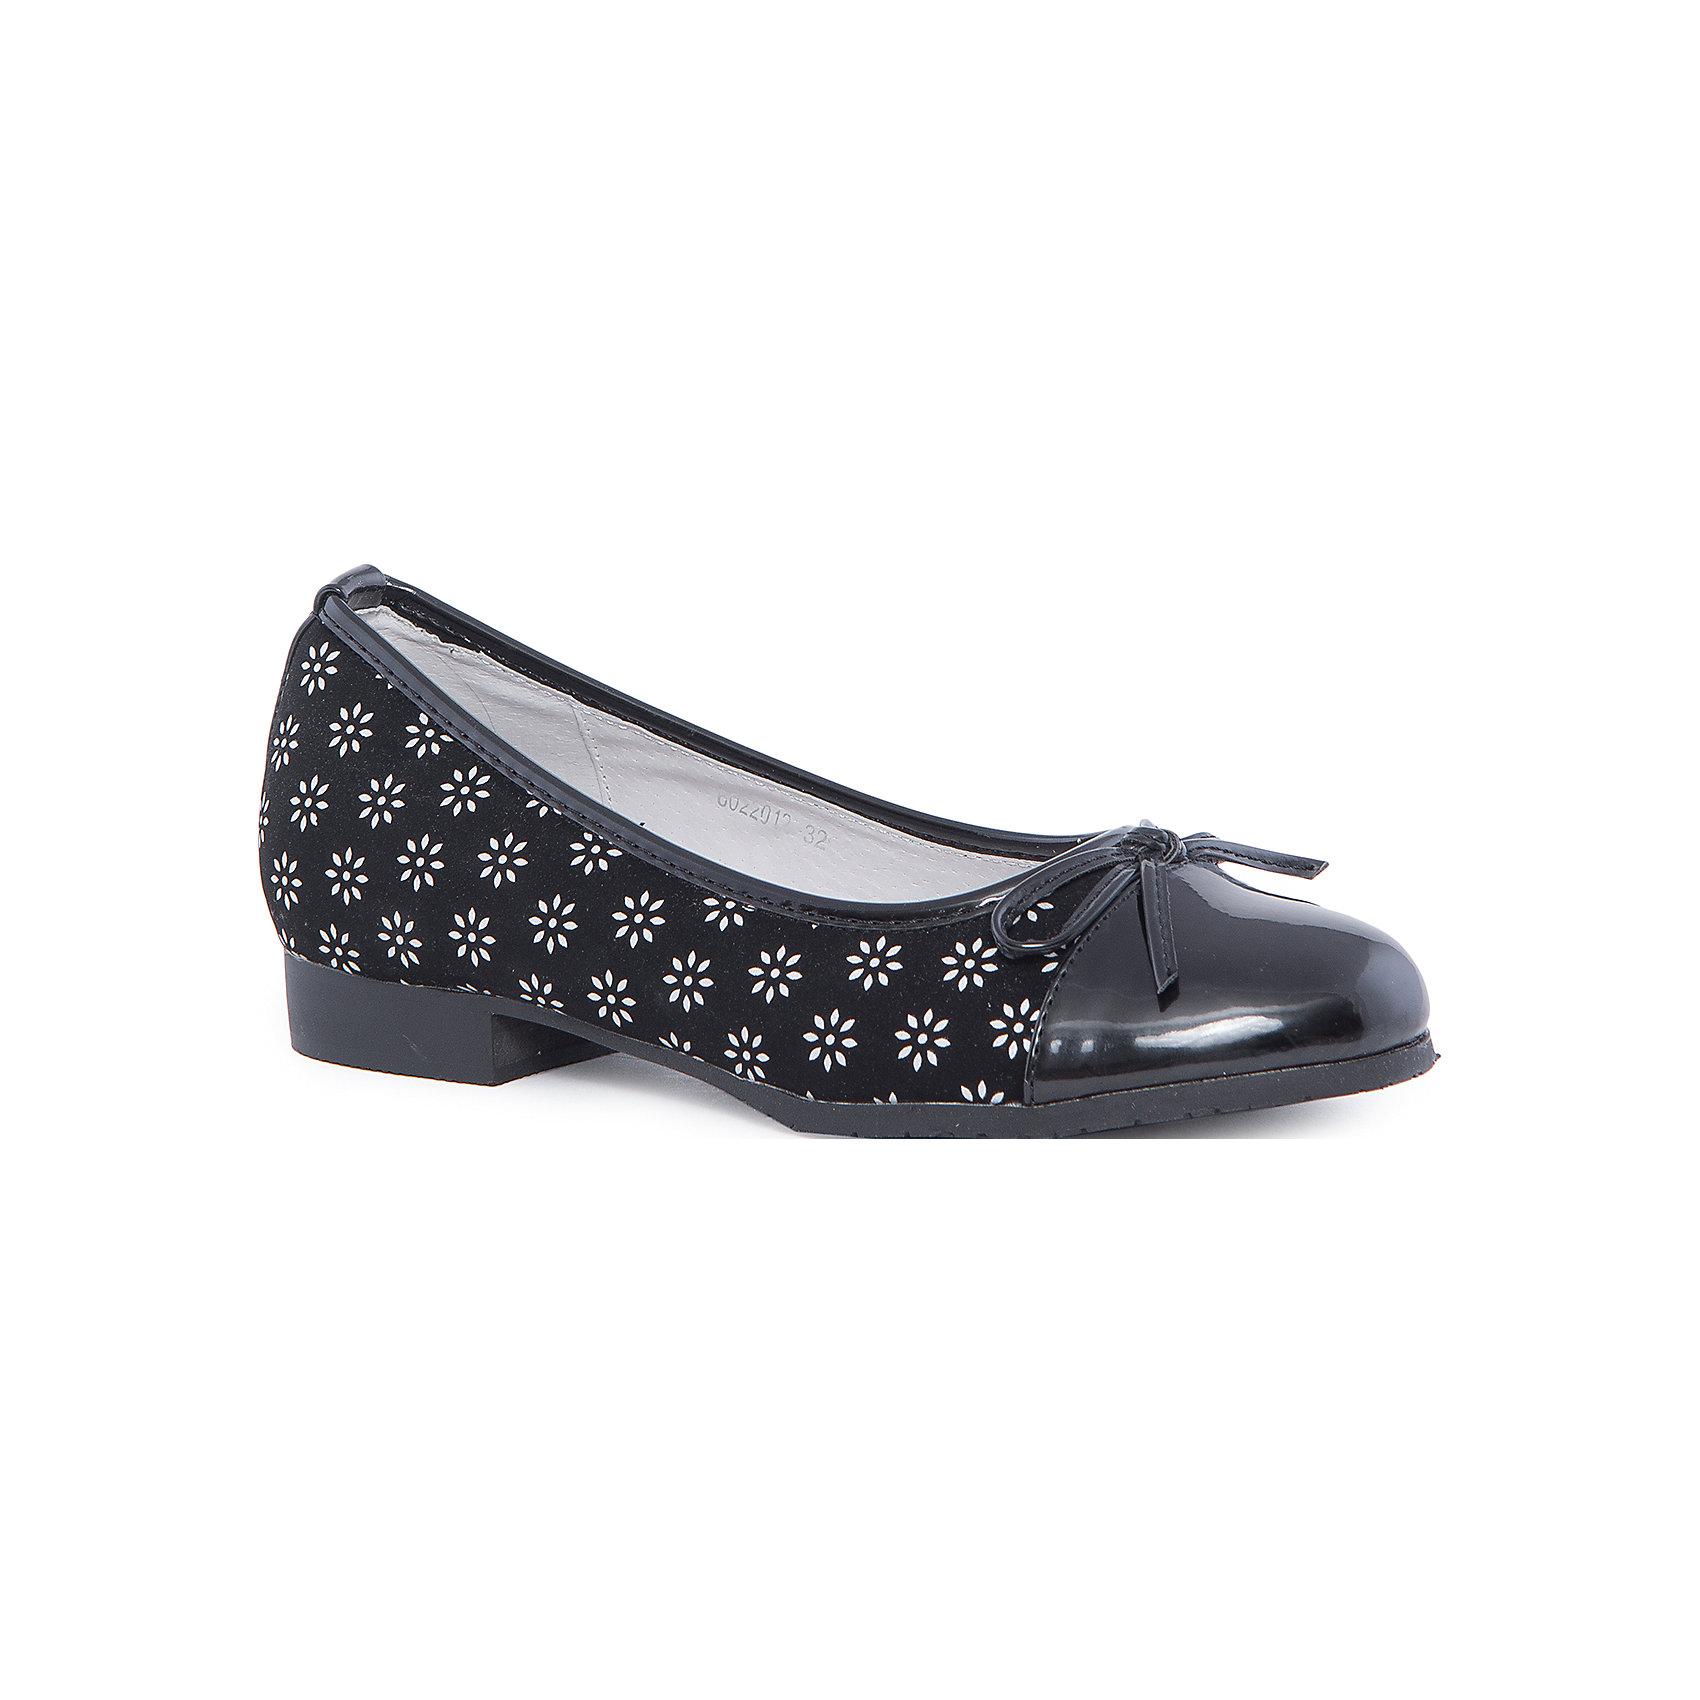 Туфли для девочки MURSUТуфли для девочки от известного финского бренда MURSU - прекрасный вариант для юных модниц. Модель черного цвета имеет лакированную переднюю часть, декорирована бантом и ненавязчивым принтом, застегивается на липучку. Туфли на небольшом каблуке прекрасно подойдут как для праздника, так и для повседневной носки. <br><br>Дополнительная информация:<br><br>- Цвет: чёрный, черный (лак).<br>- Тип застежки: без застежки.<br>- Декоративные элементы: бант, принт.<br><br>Состав:<br><br>- Материал верха: искусственная кожа.<br>- Материал подкладки: натуральная кожа.<br>- Материал подошвы: TEP.<br>- Материал стельки: натуральная кожа.<br><br>Туфли для девочки MURSU (Мурсу), можно купить в нашем магазине.<br><br>Ширина мм: 227<br>Глубина мм: 145<br>Высота мм: 124<br>Вес г: 325<br>Цвет: черный<br>Возраст от месяцев: 132<br>Возраст до месяцев: 144<br>Пол: Женский<br>Возраст: Детский<br>Размер: 35,33,34,36,37,32<br>SKU: 4195803